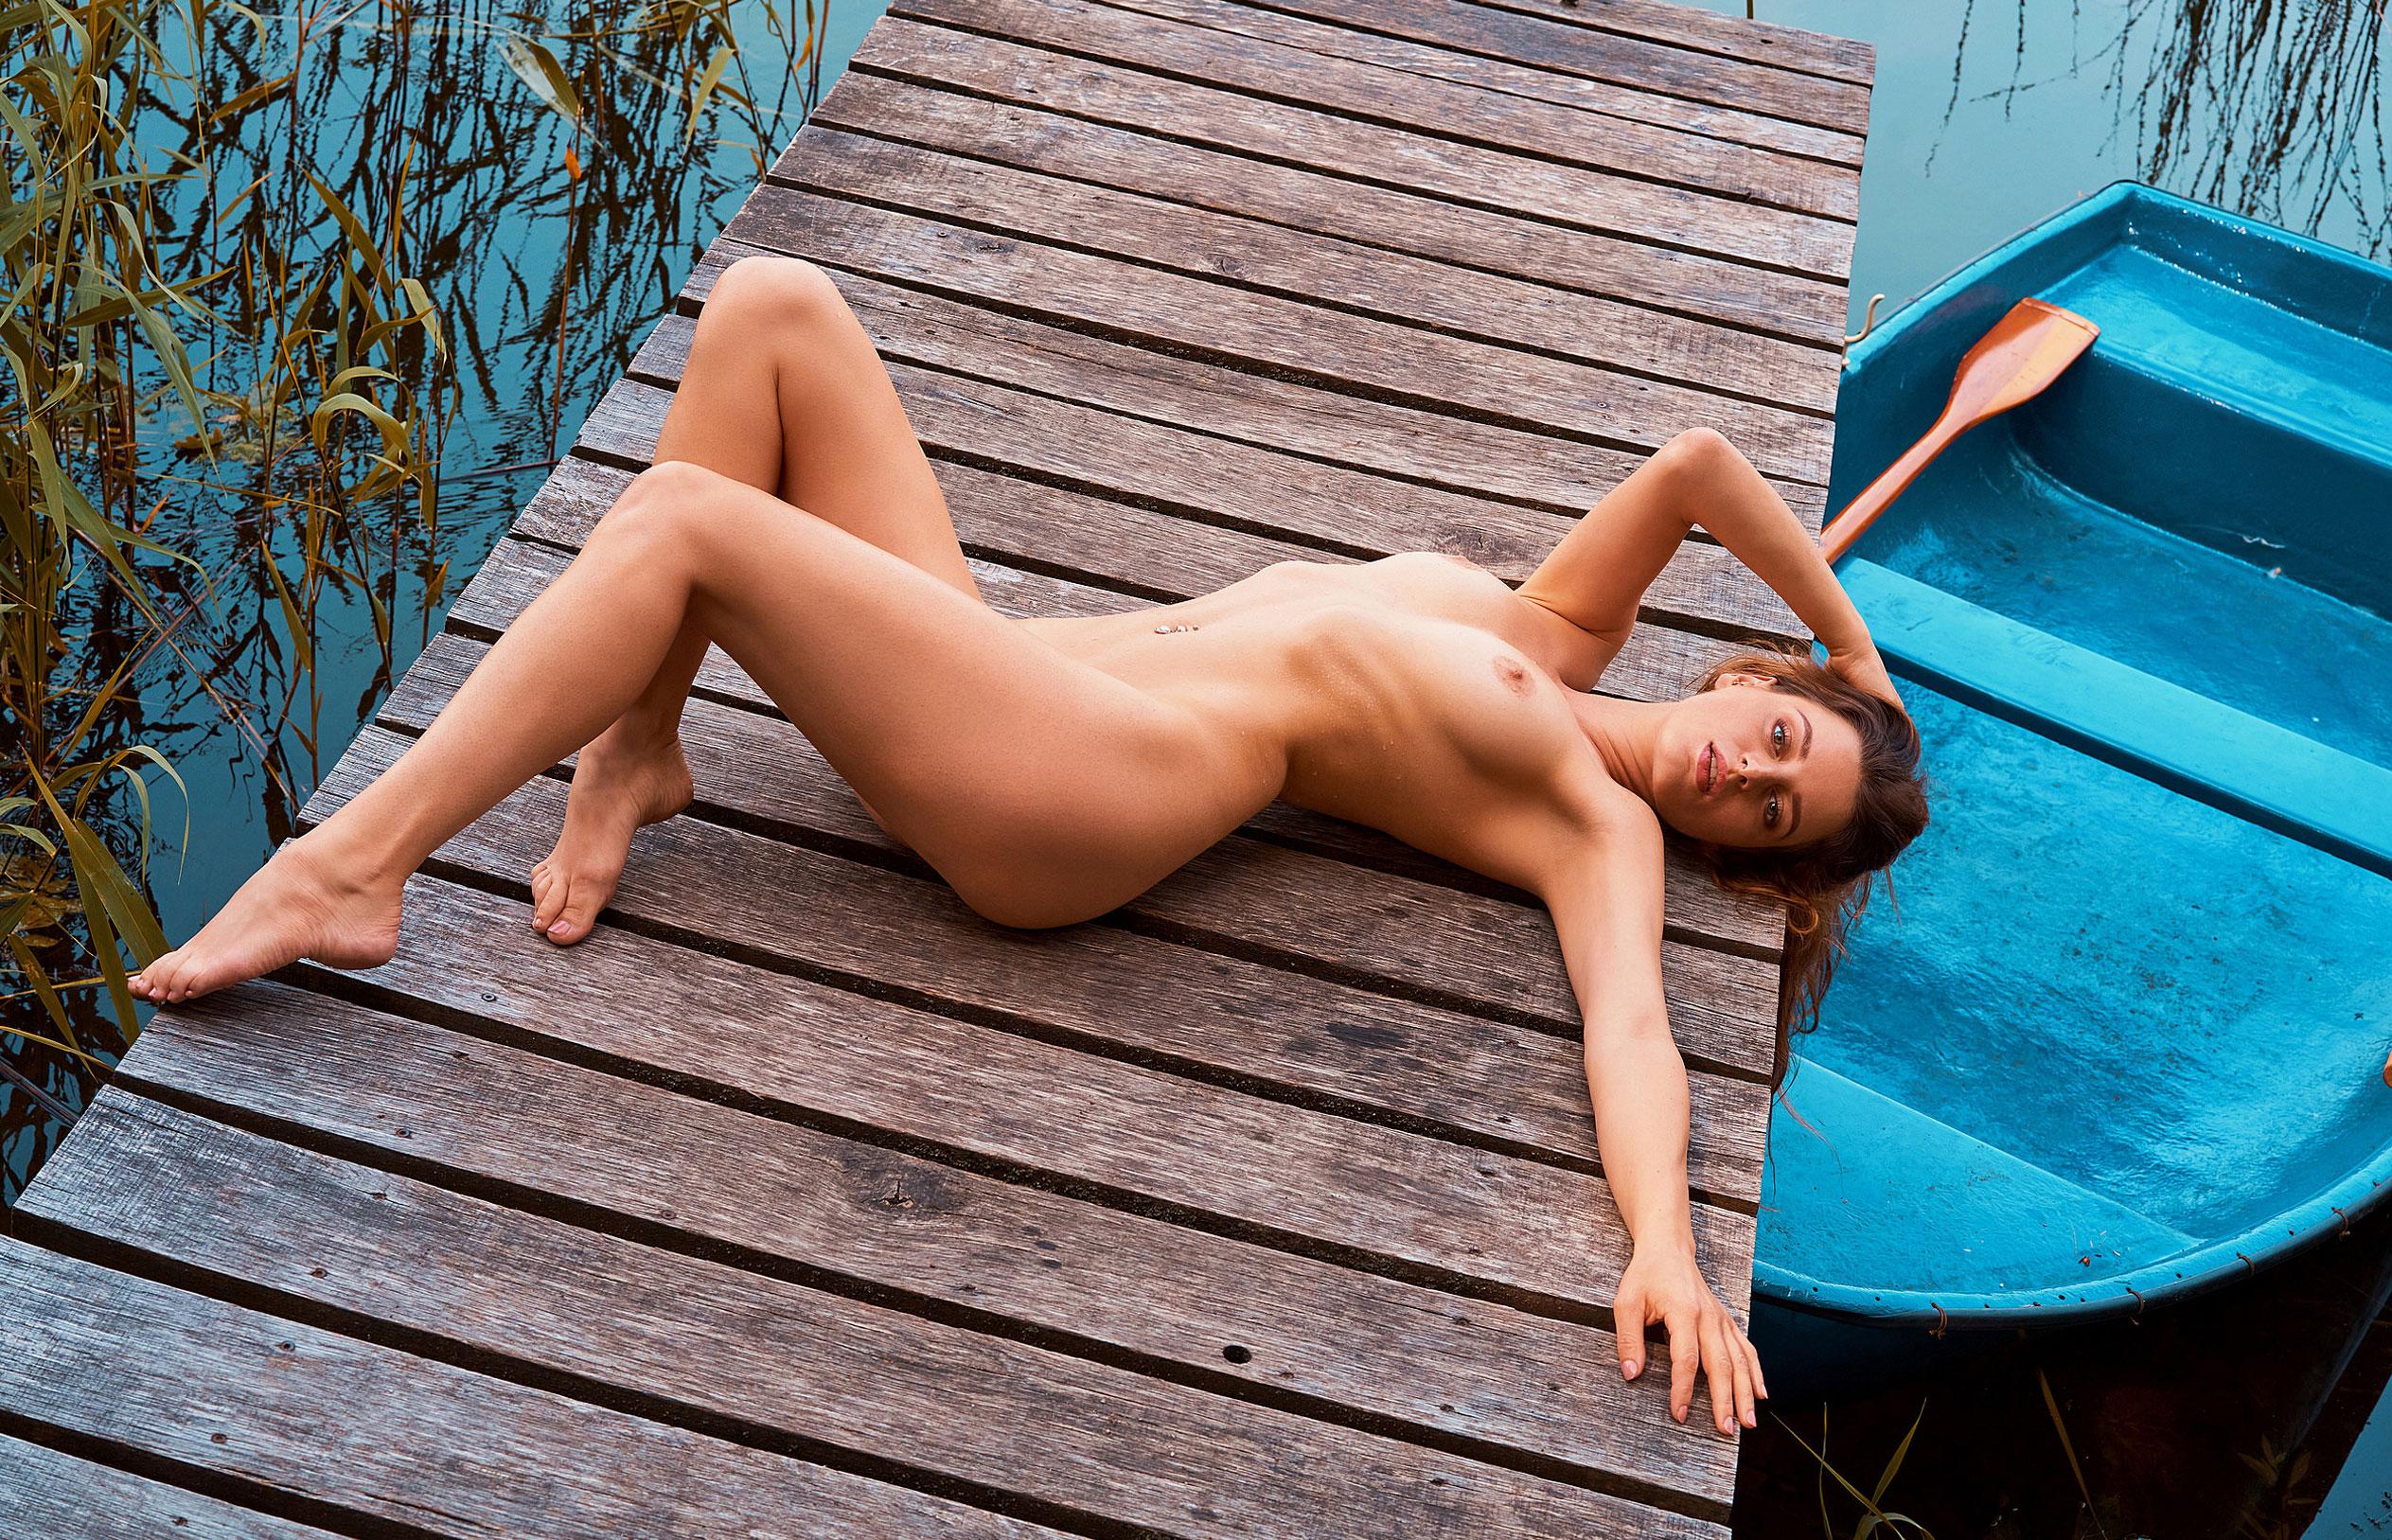 голая медсестра / Девушка месяца немецкого Playboy в июне 2020-го - Джини Валдхейм / фото 01